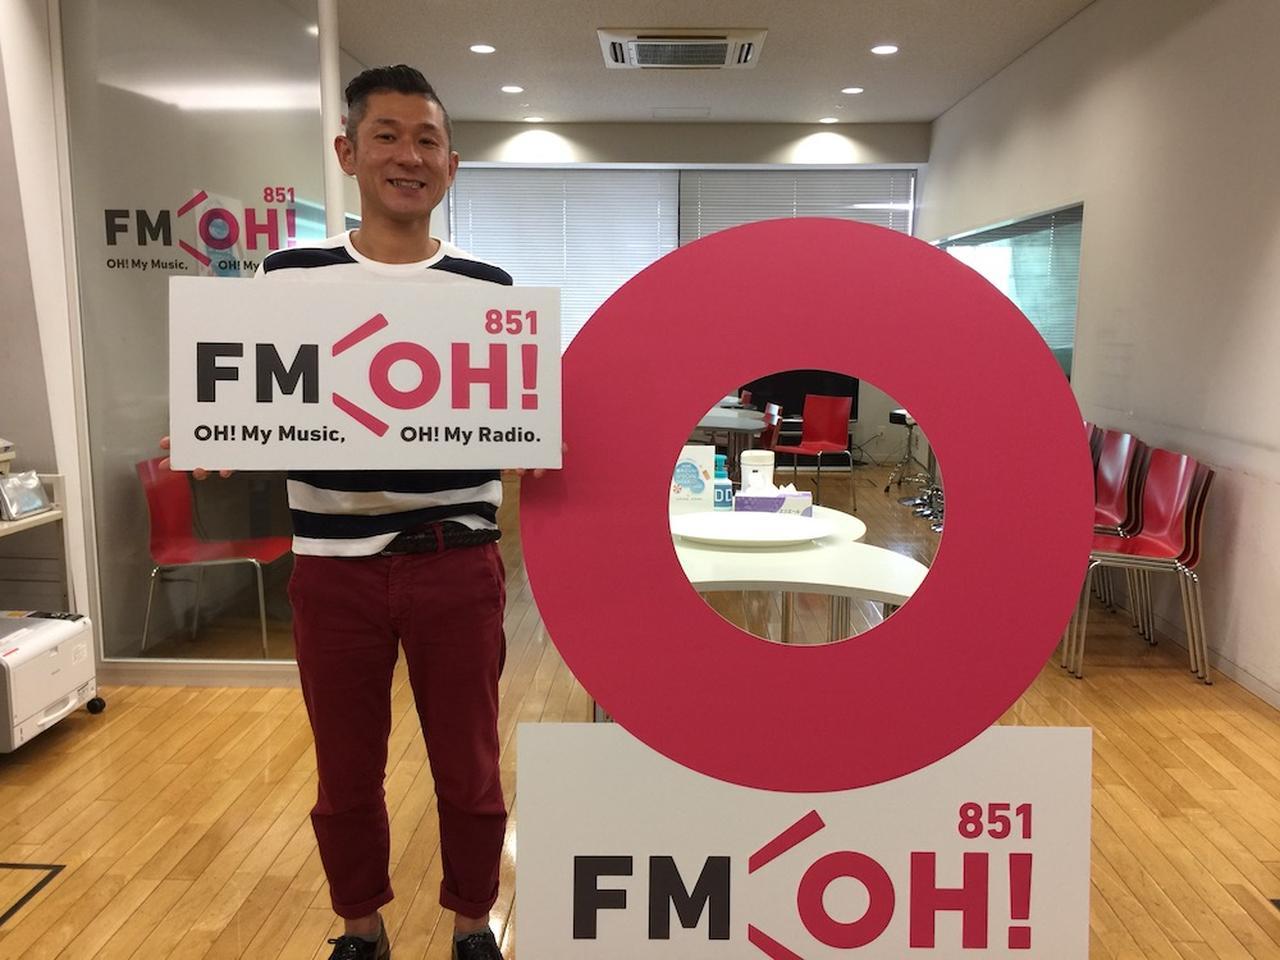 画像: FM OH!スタジオからブッキョーします!